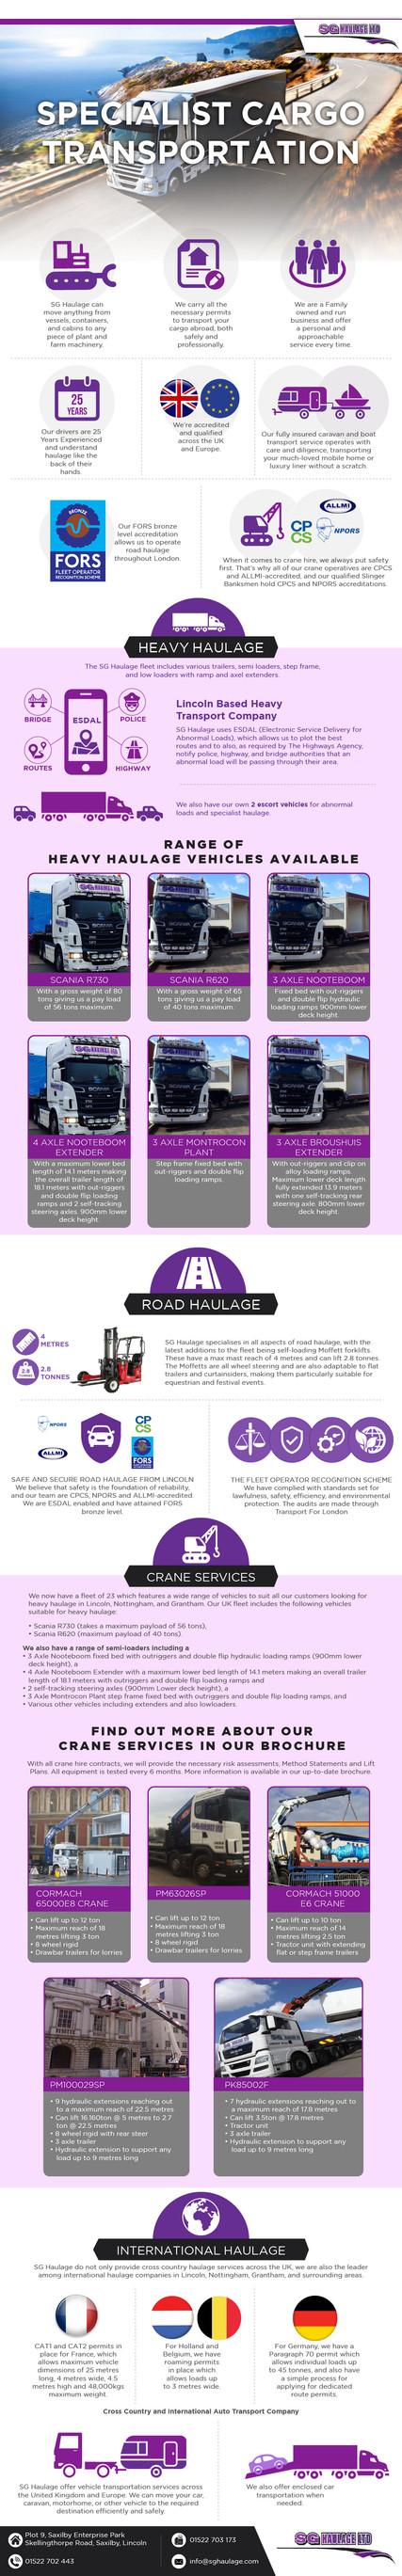 speciallist cargo transportation